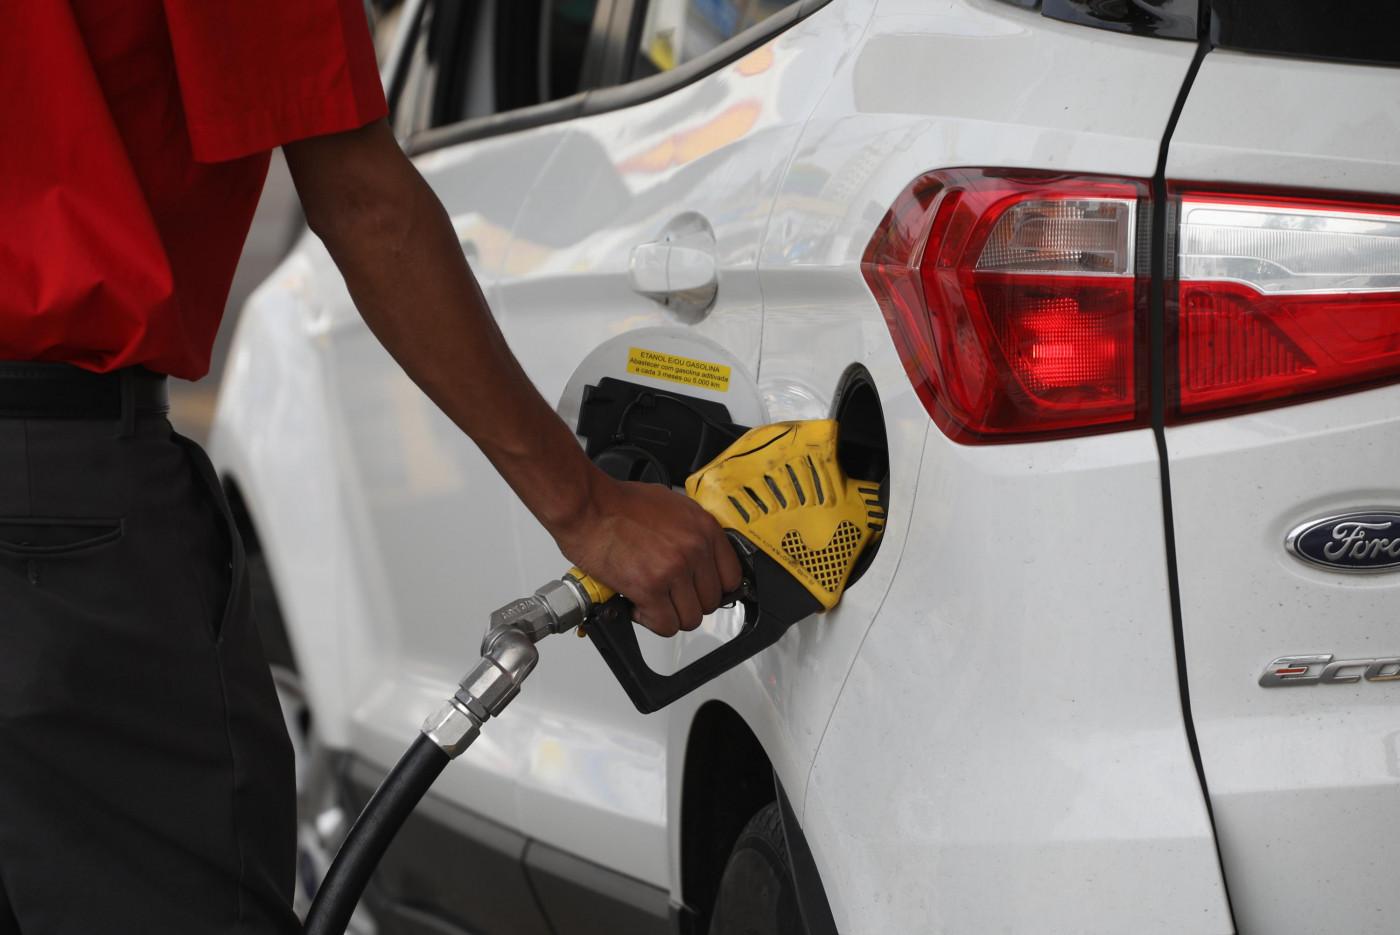 Frentista coloca combustível em carro